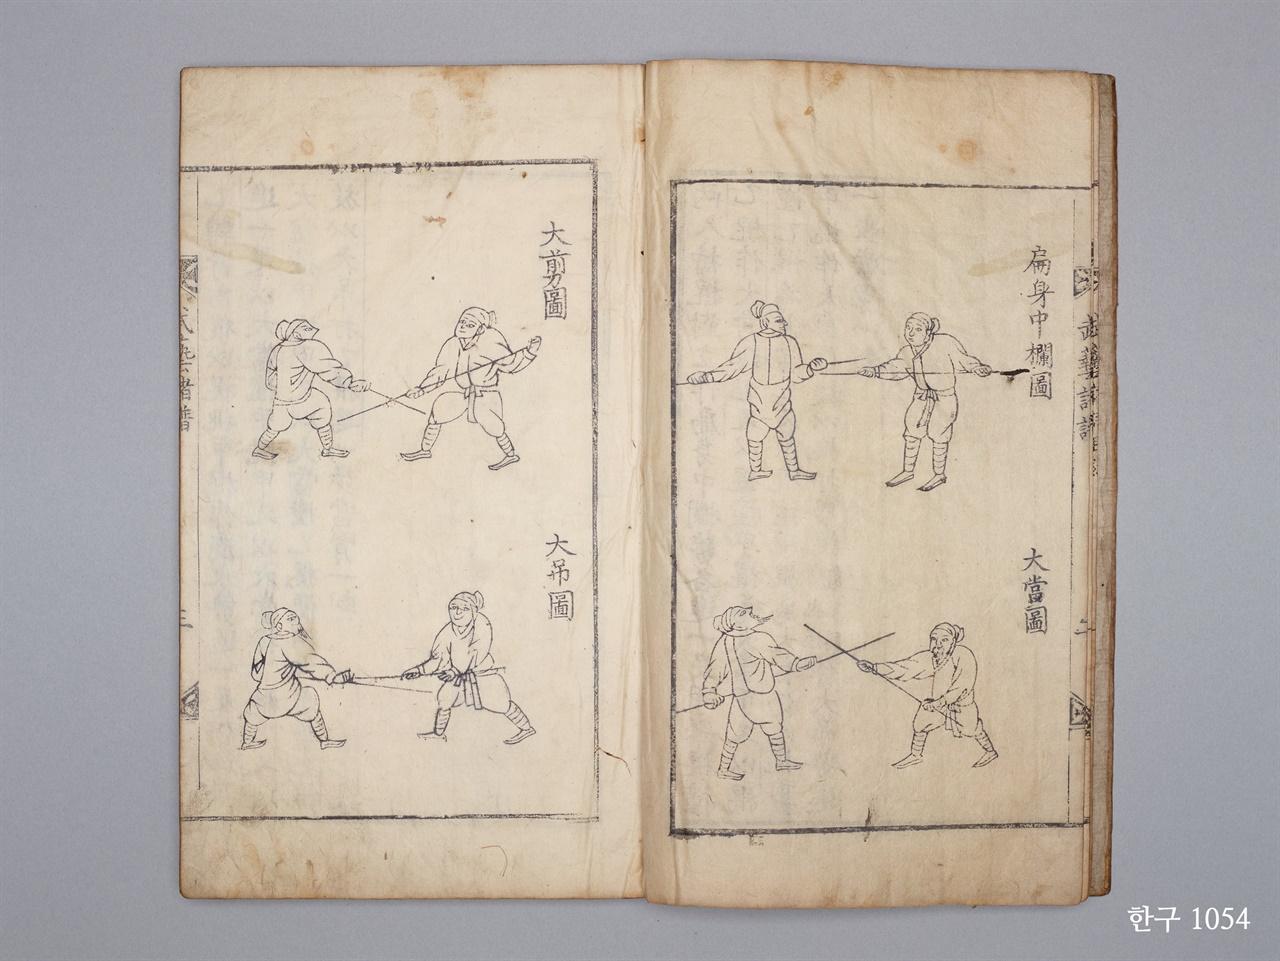 선조 31년에 편찬한 군사훈련에 관한 책 <무예제보>武藝諸譜